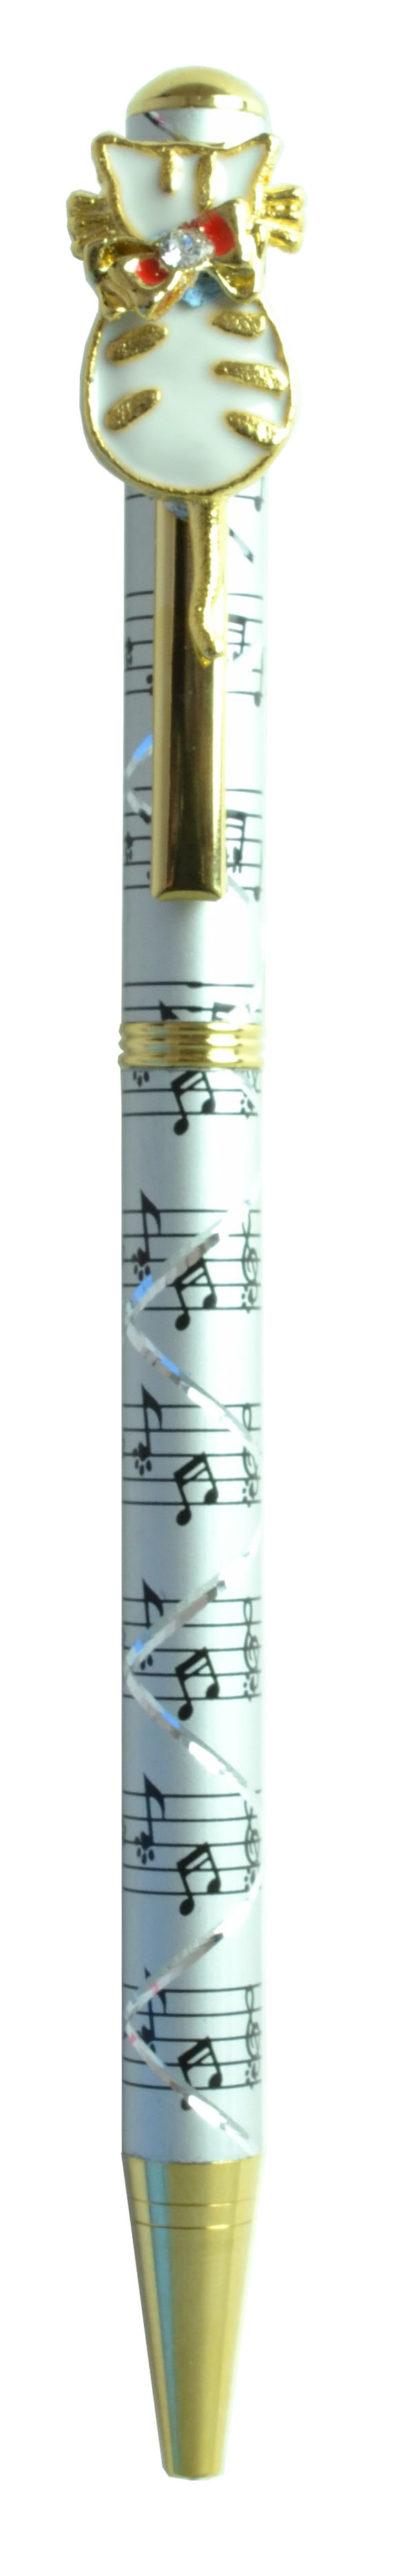 スワロフスキークリスタルボールペン ネコ6 シルバー <br>No.65438